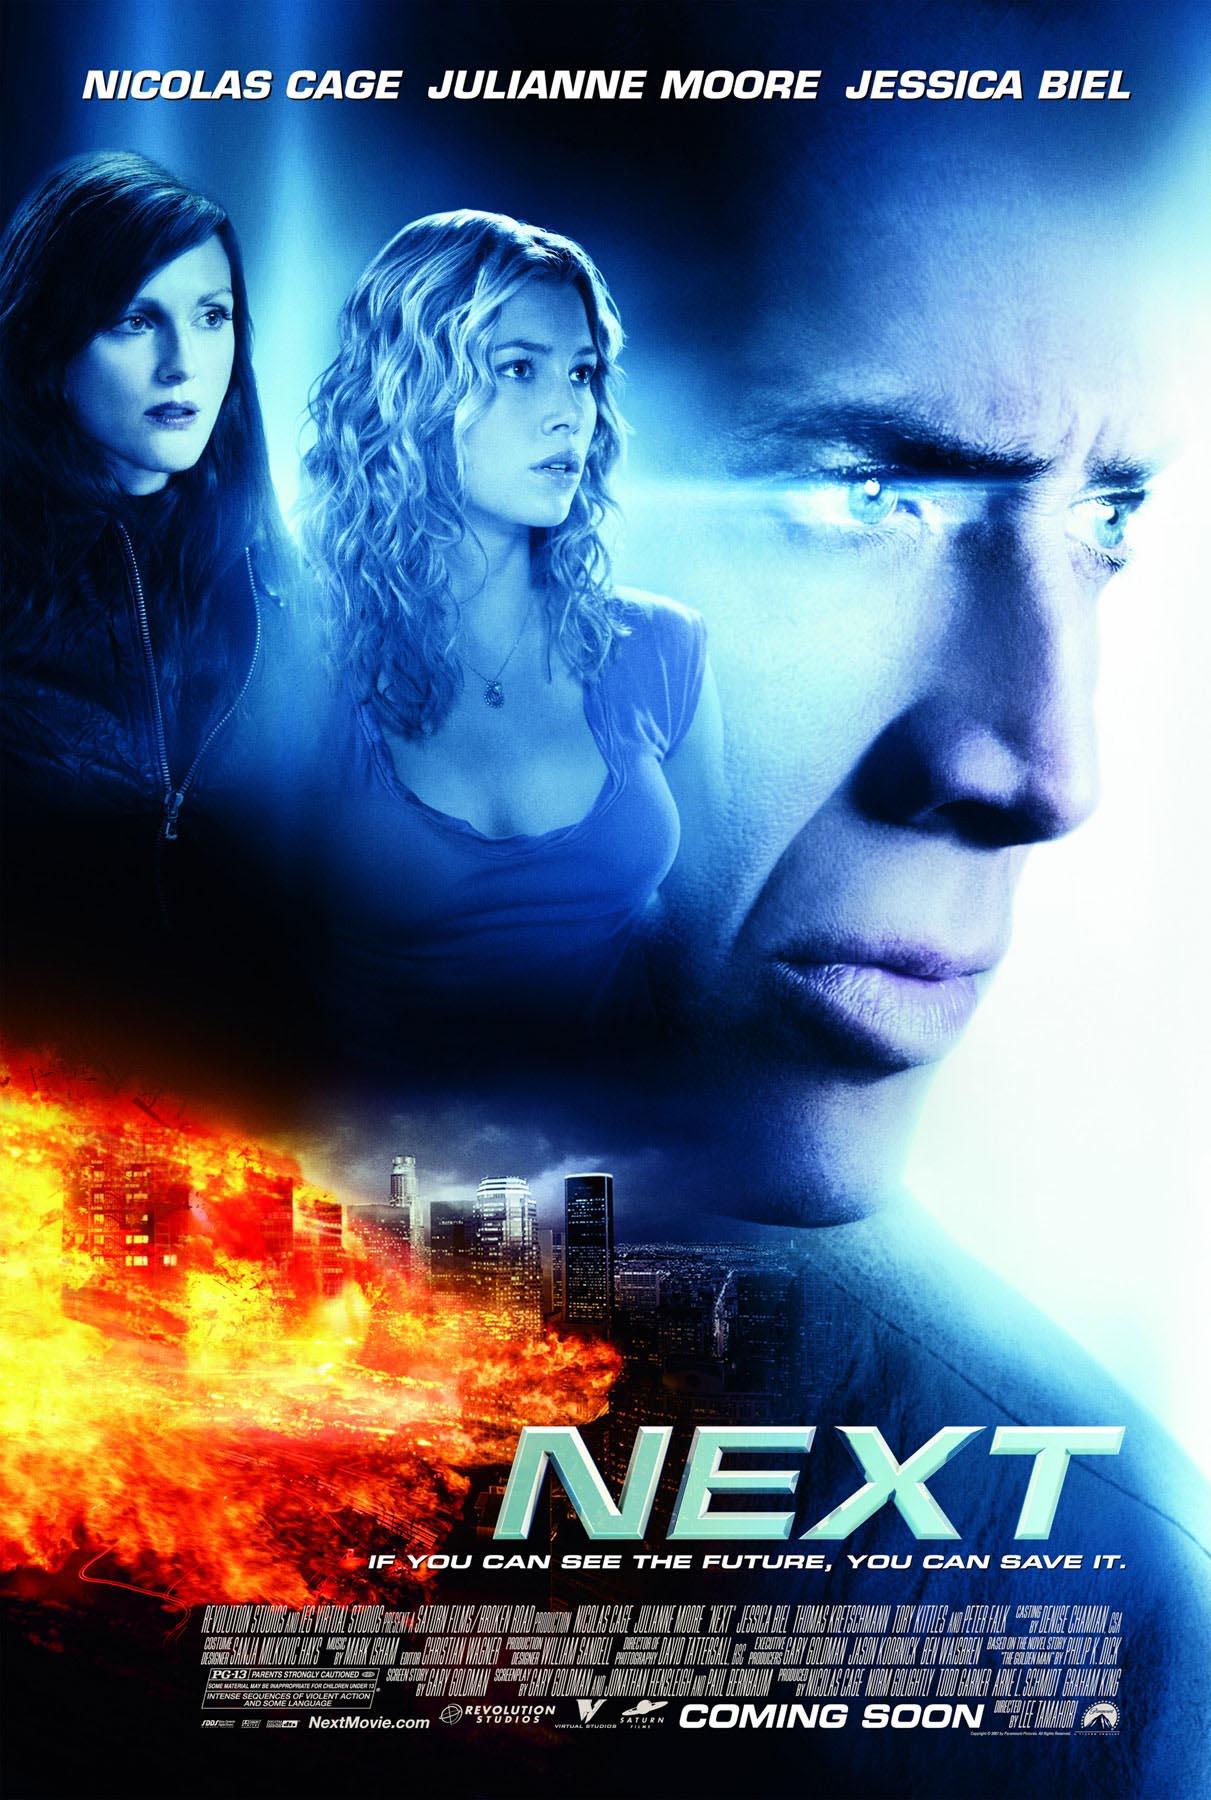 ニコラス・ケイジのNEXTネクストという映画